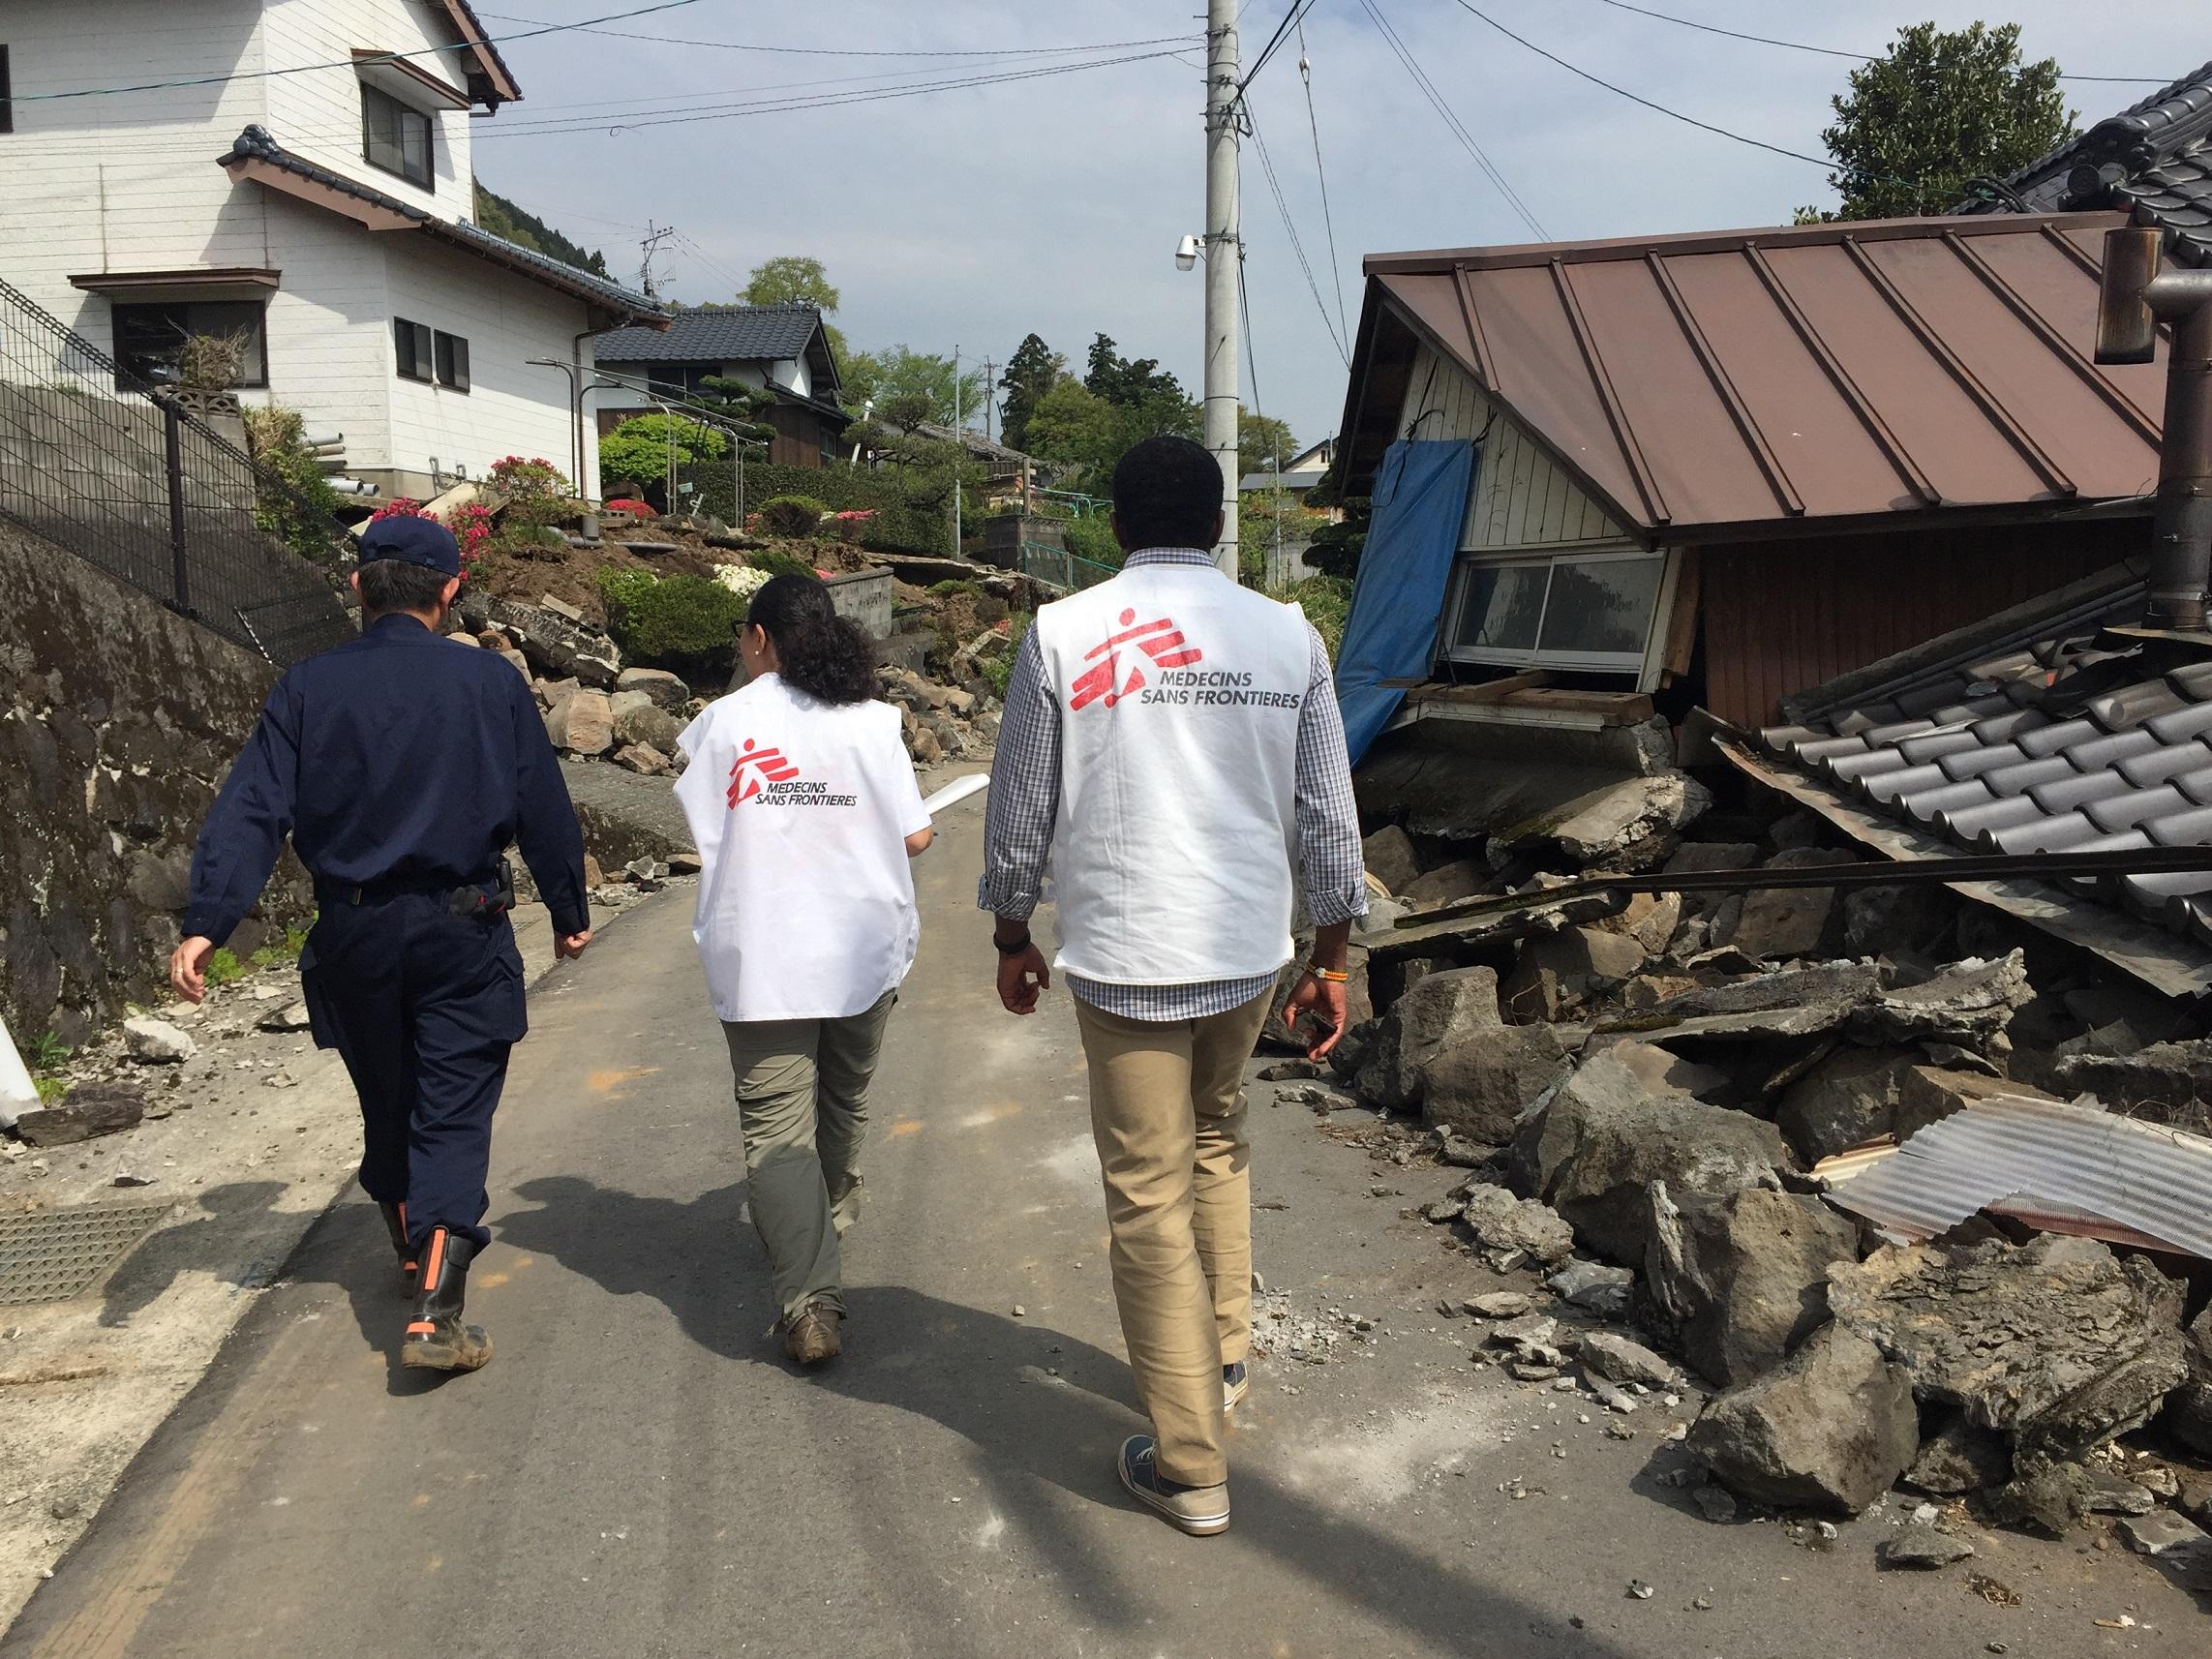 국경없는의사회 팀이 구마모토 현 미나미-아소 마을 내 타테노에서 현지 상황을 살펴보고 있다. © Yuna Cho/MSF